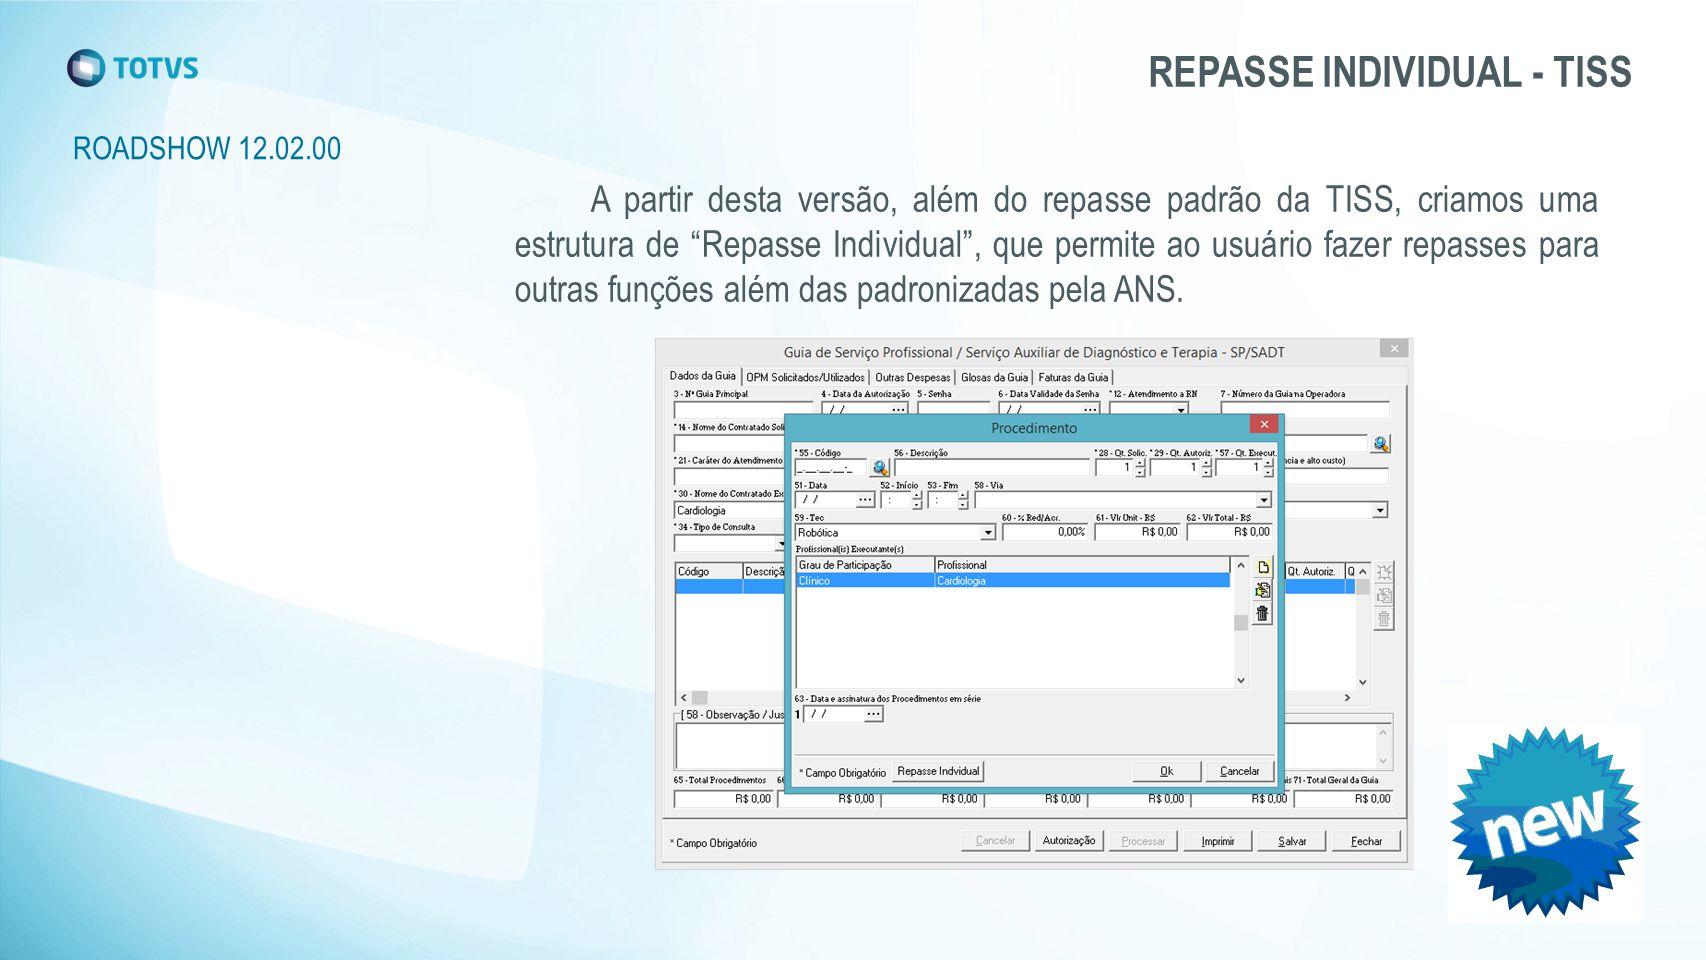 REPASSE INDIVIDUAL - TISS